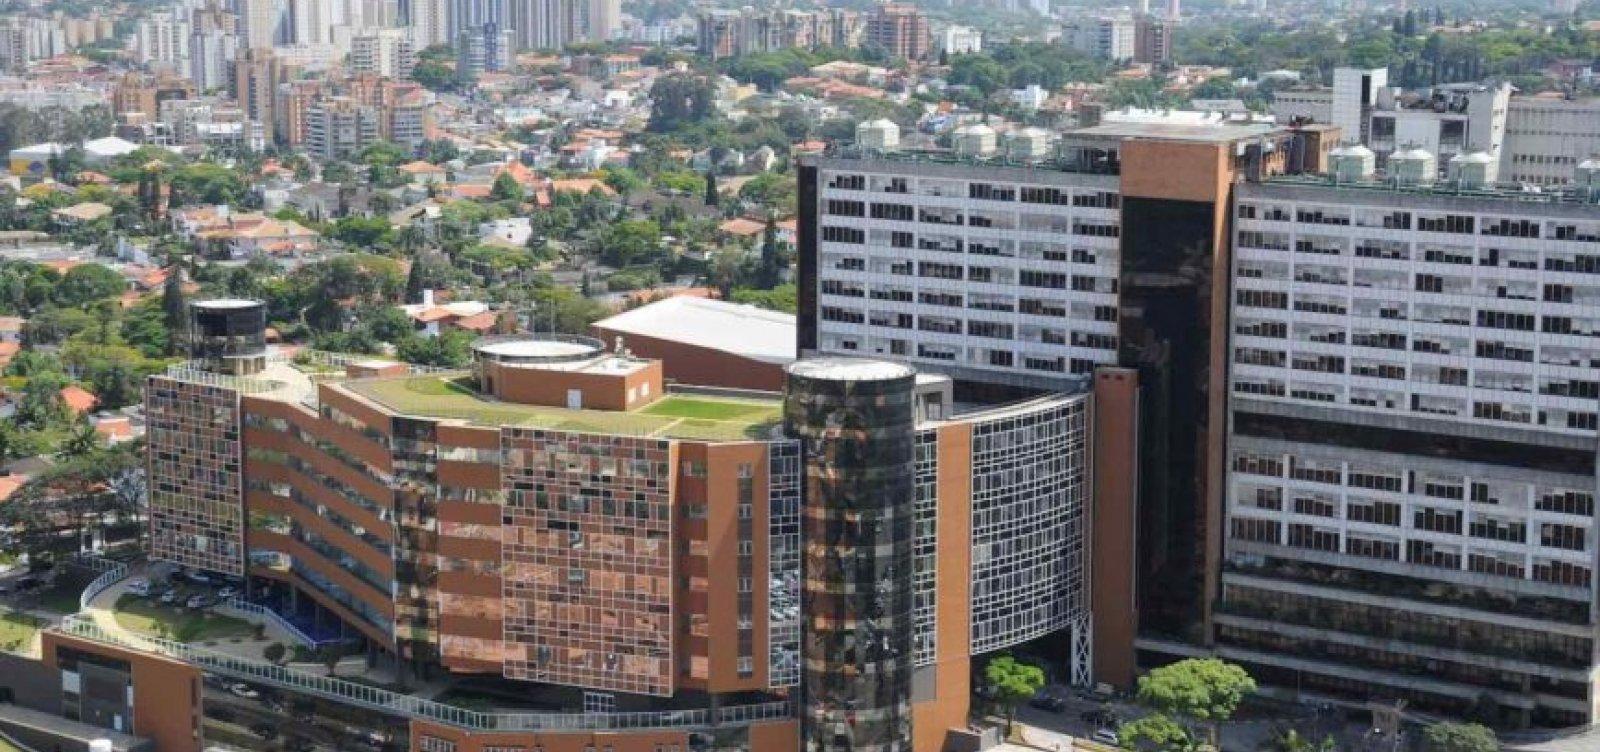 Hospital Albert Einstein bate recorde de internações por Covid-19 e presidente diz que 'situação vai piorar'